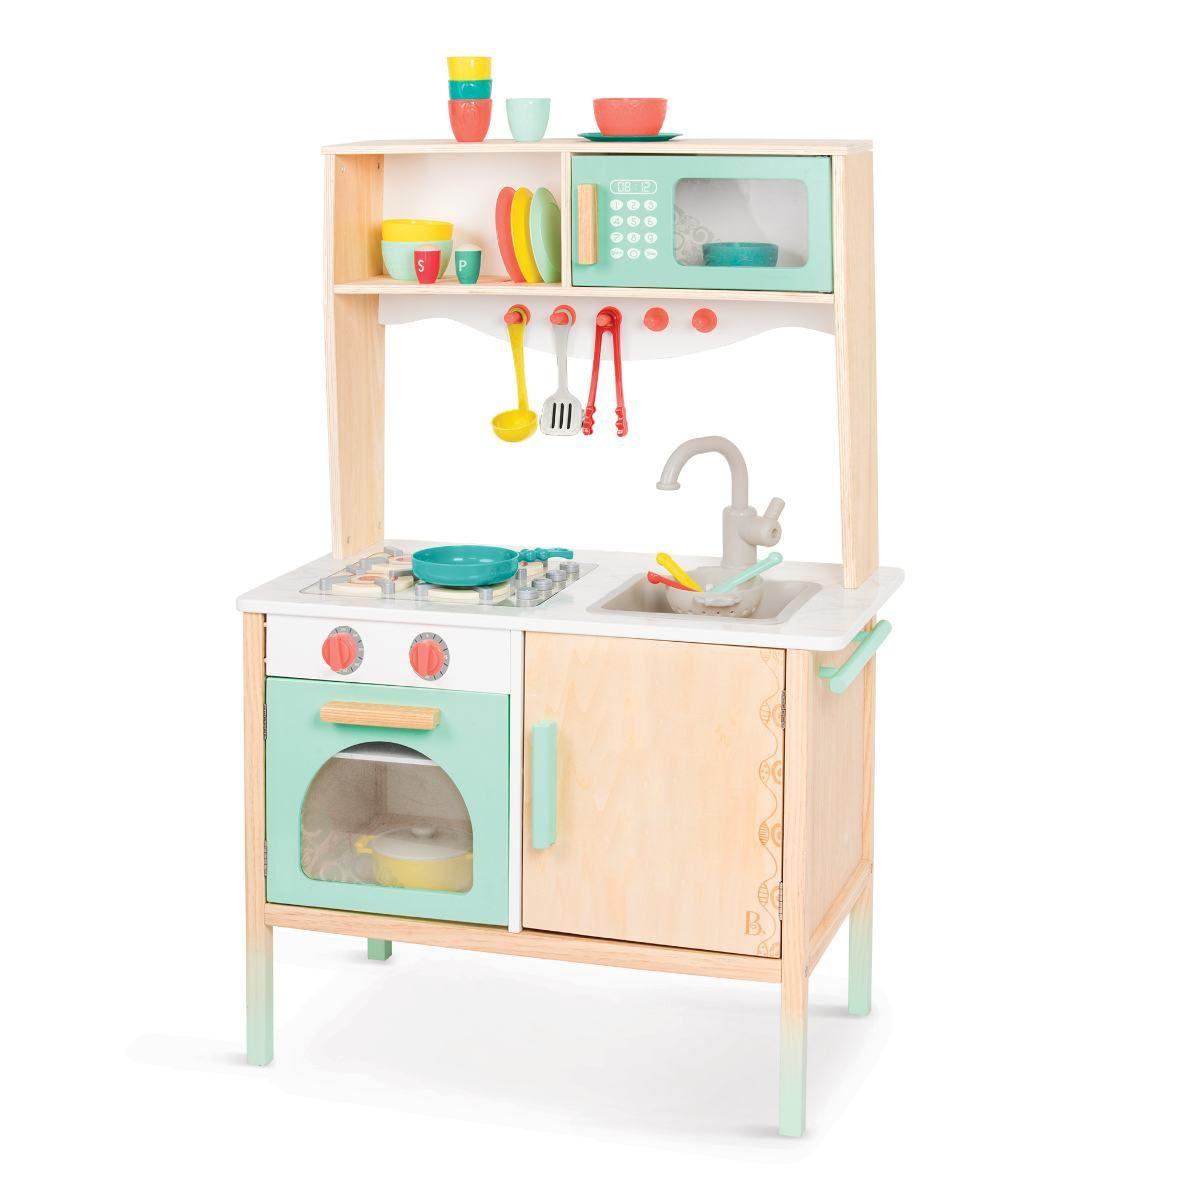 Kuchyňka dřevěná Mini Chef